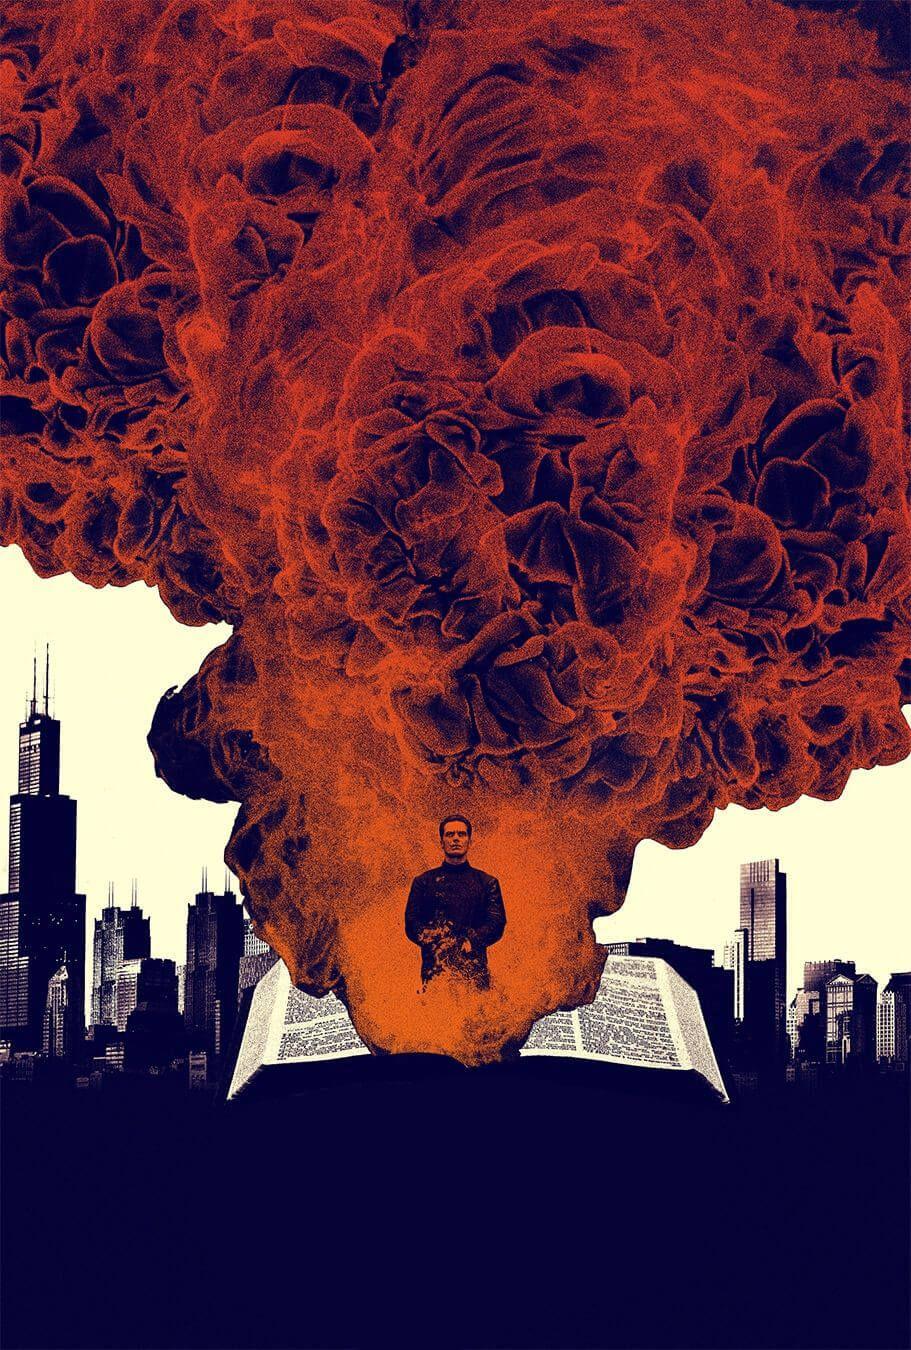 Постер для фильма «451 градус по Фаренгейту». Режиссер Рамин Бахрани, 2018 год. Источник: imdb.com